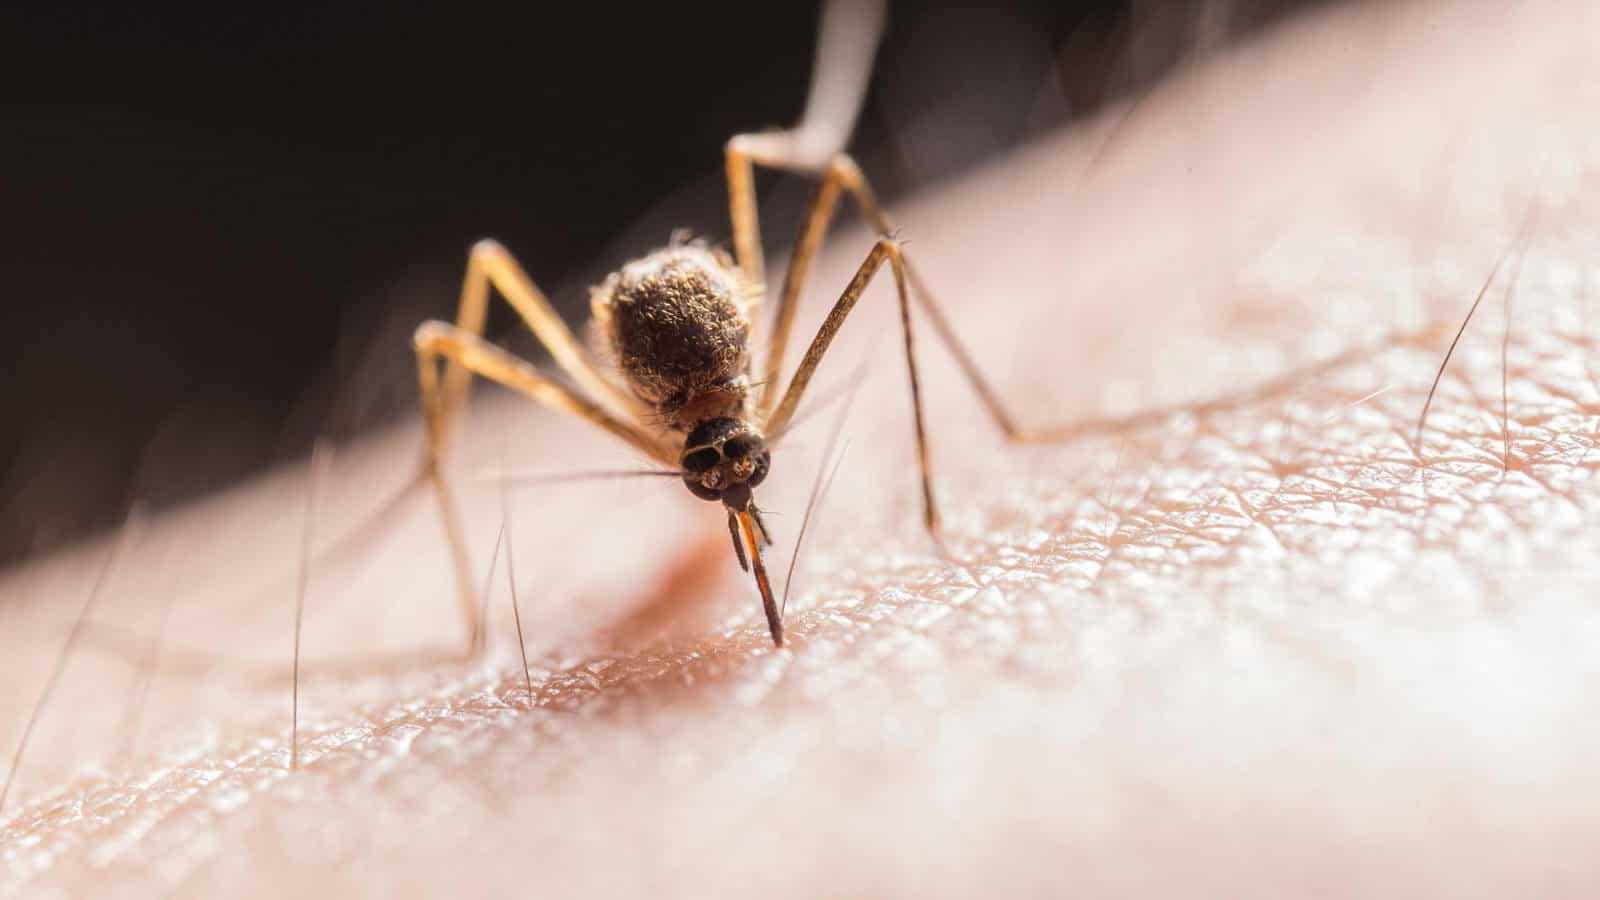 Mückenstich-Allergie- Was tun? Erfahre die Symptome und Tipps